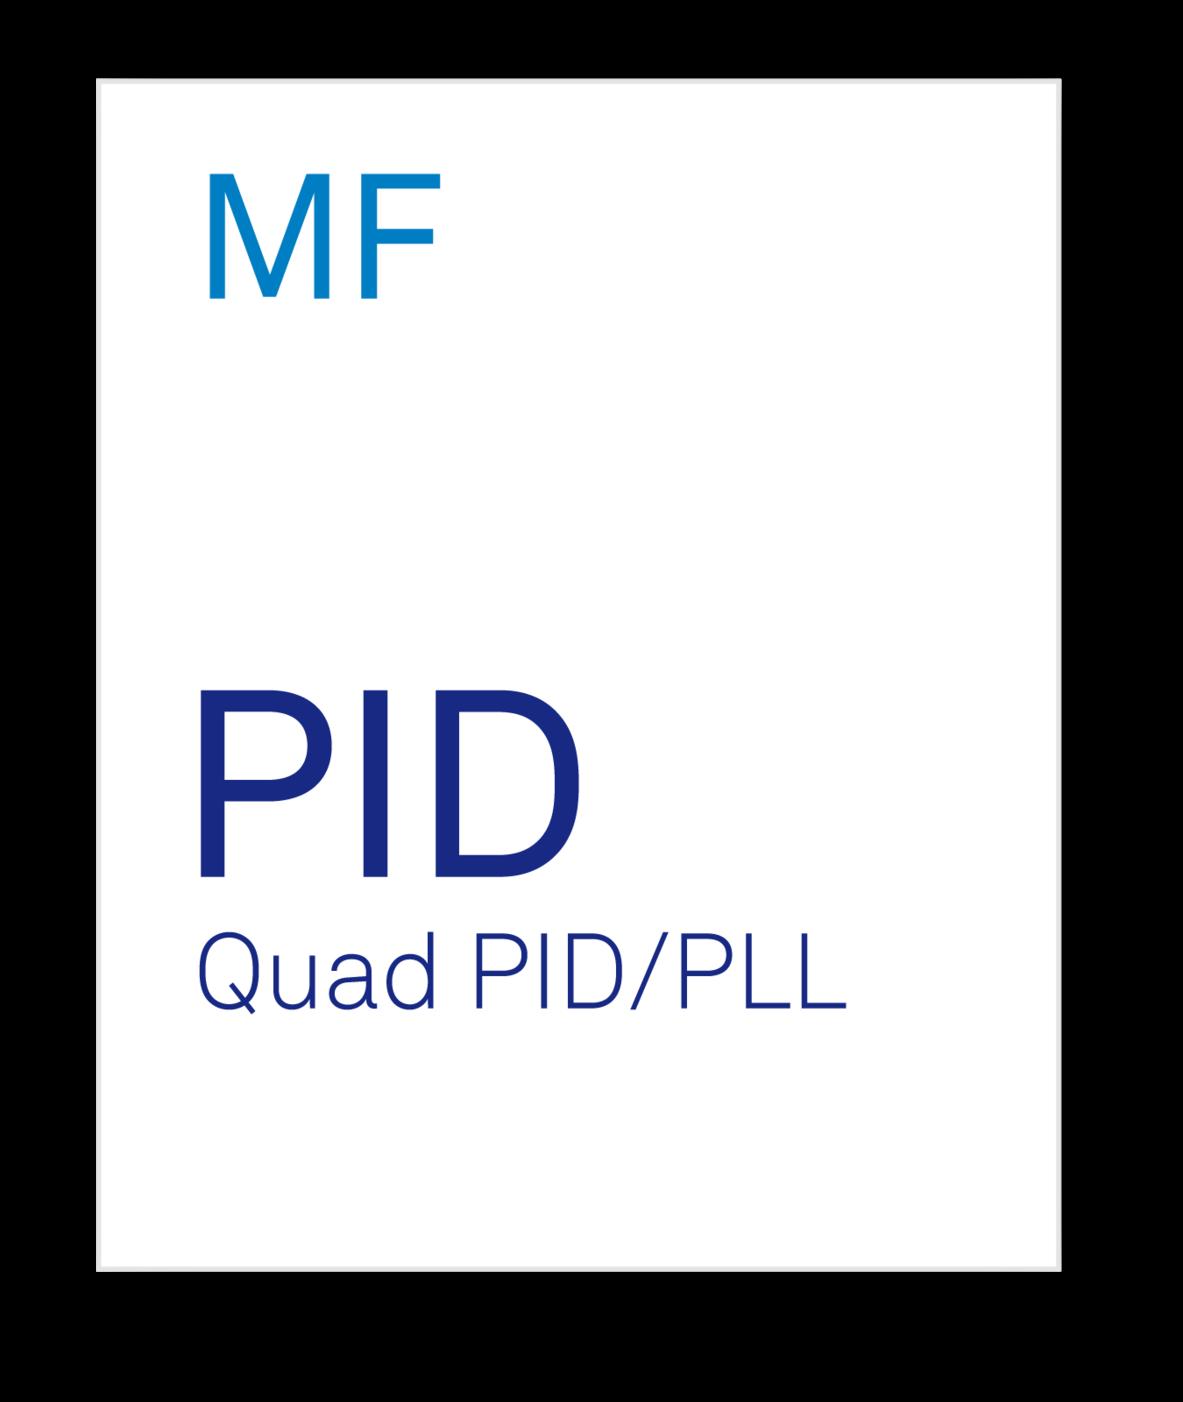 Zurich Instruments MF PID Quad PID/PLL